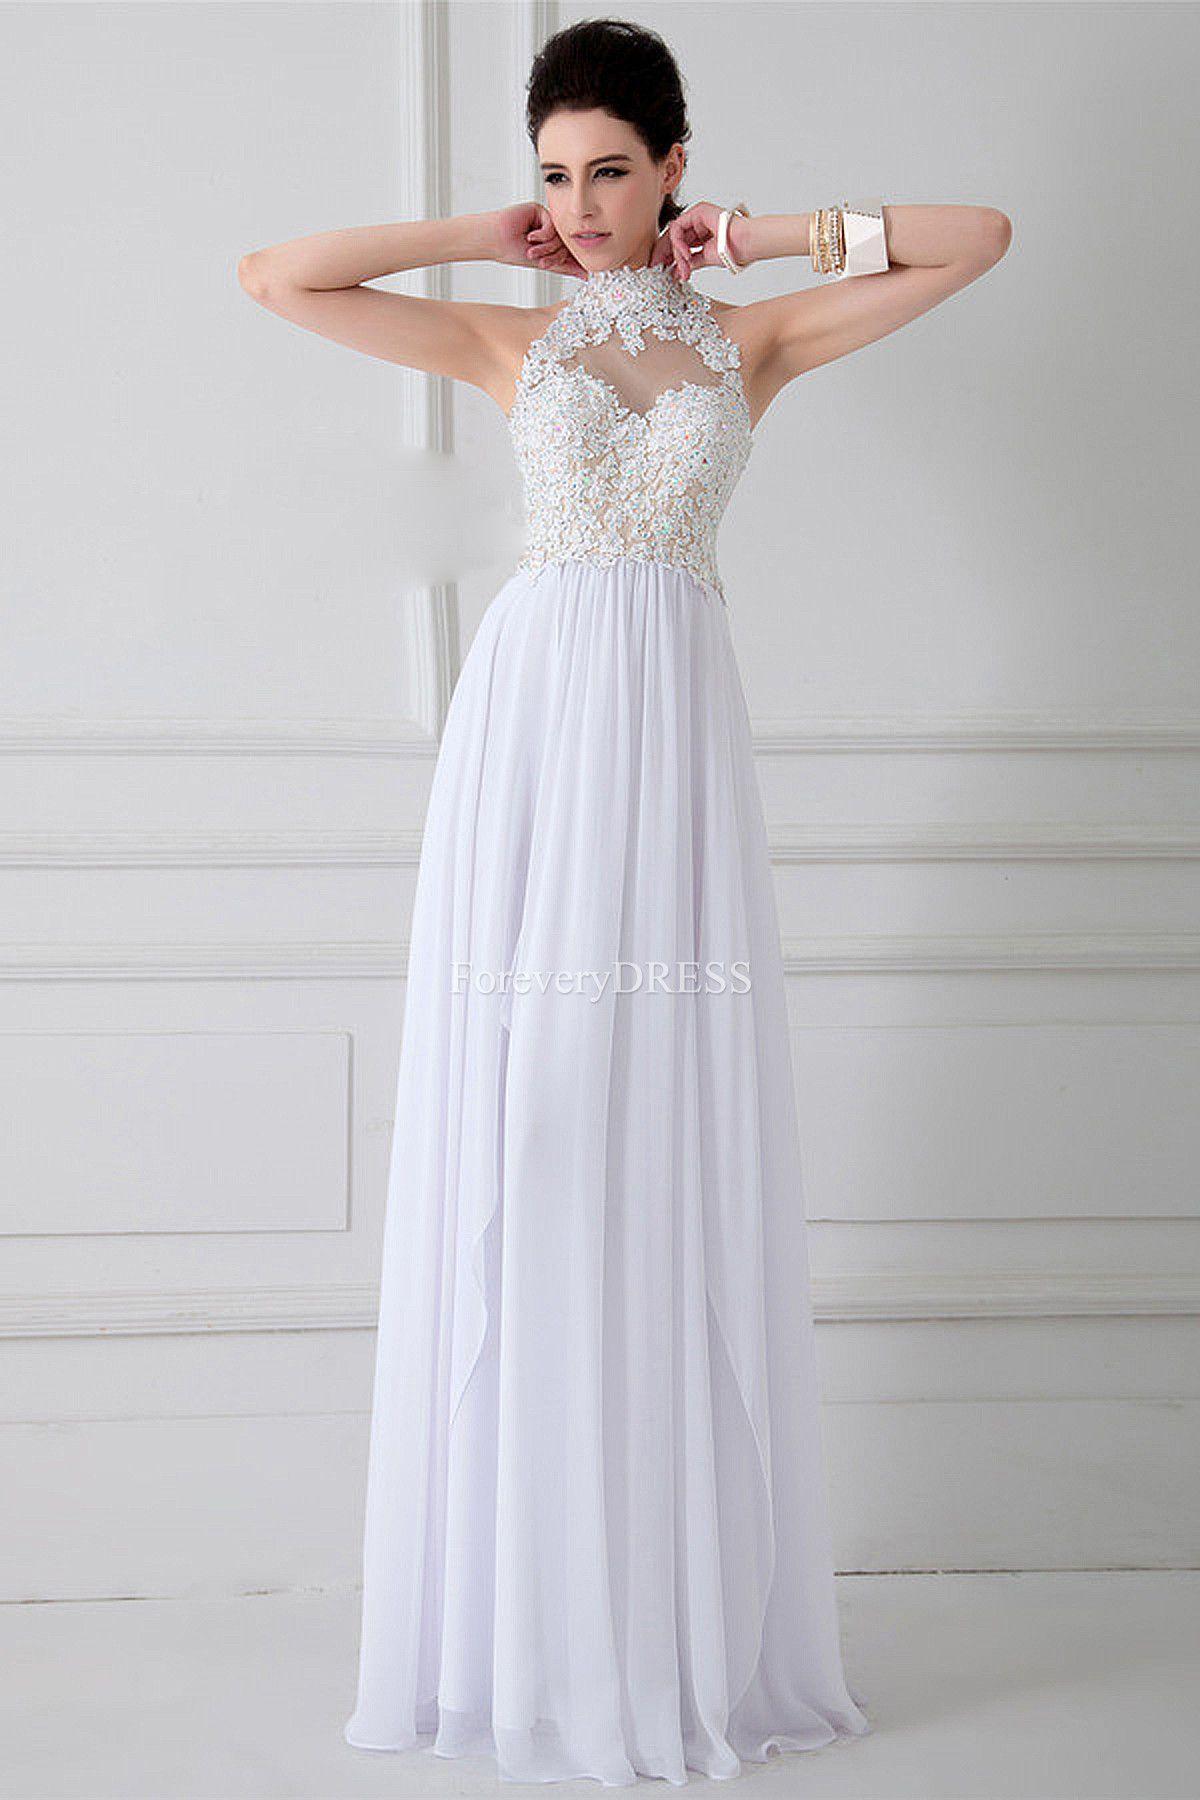 Imagenes de vestidos de noche blancos